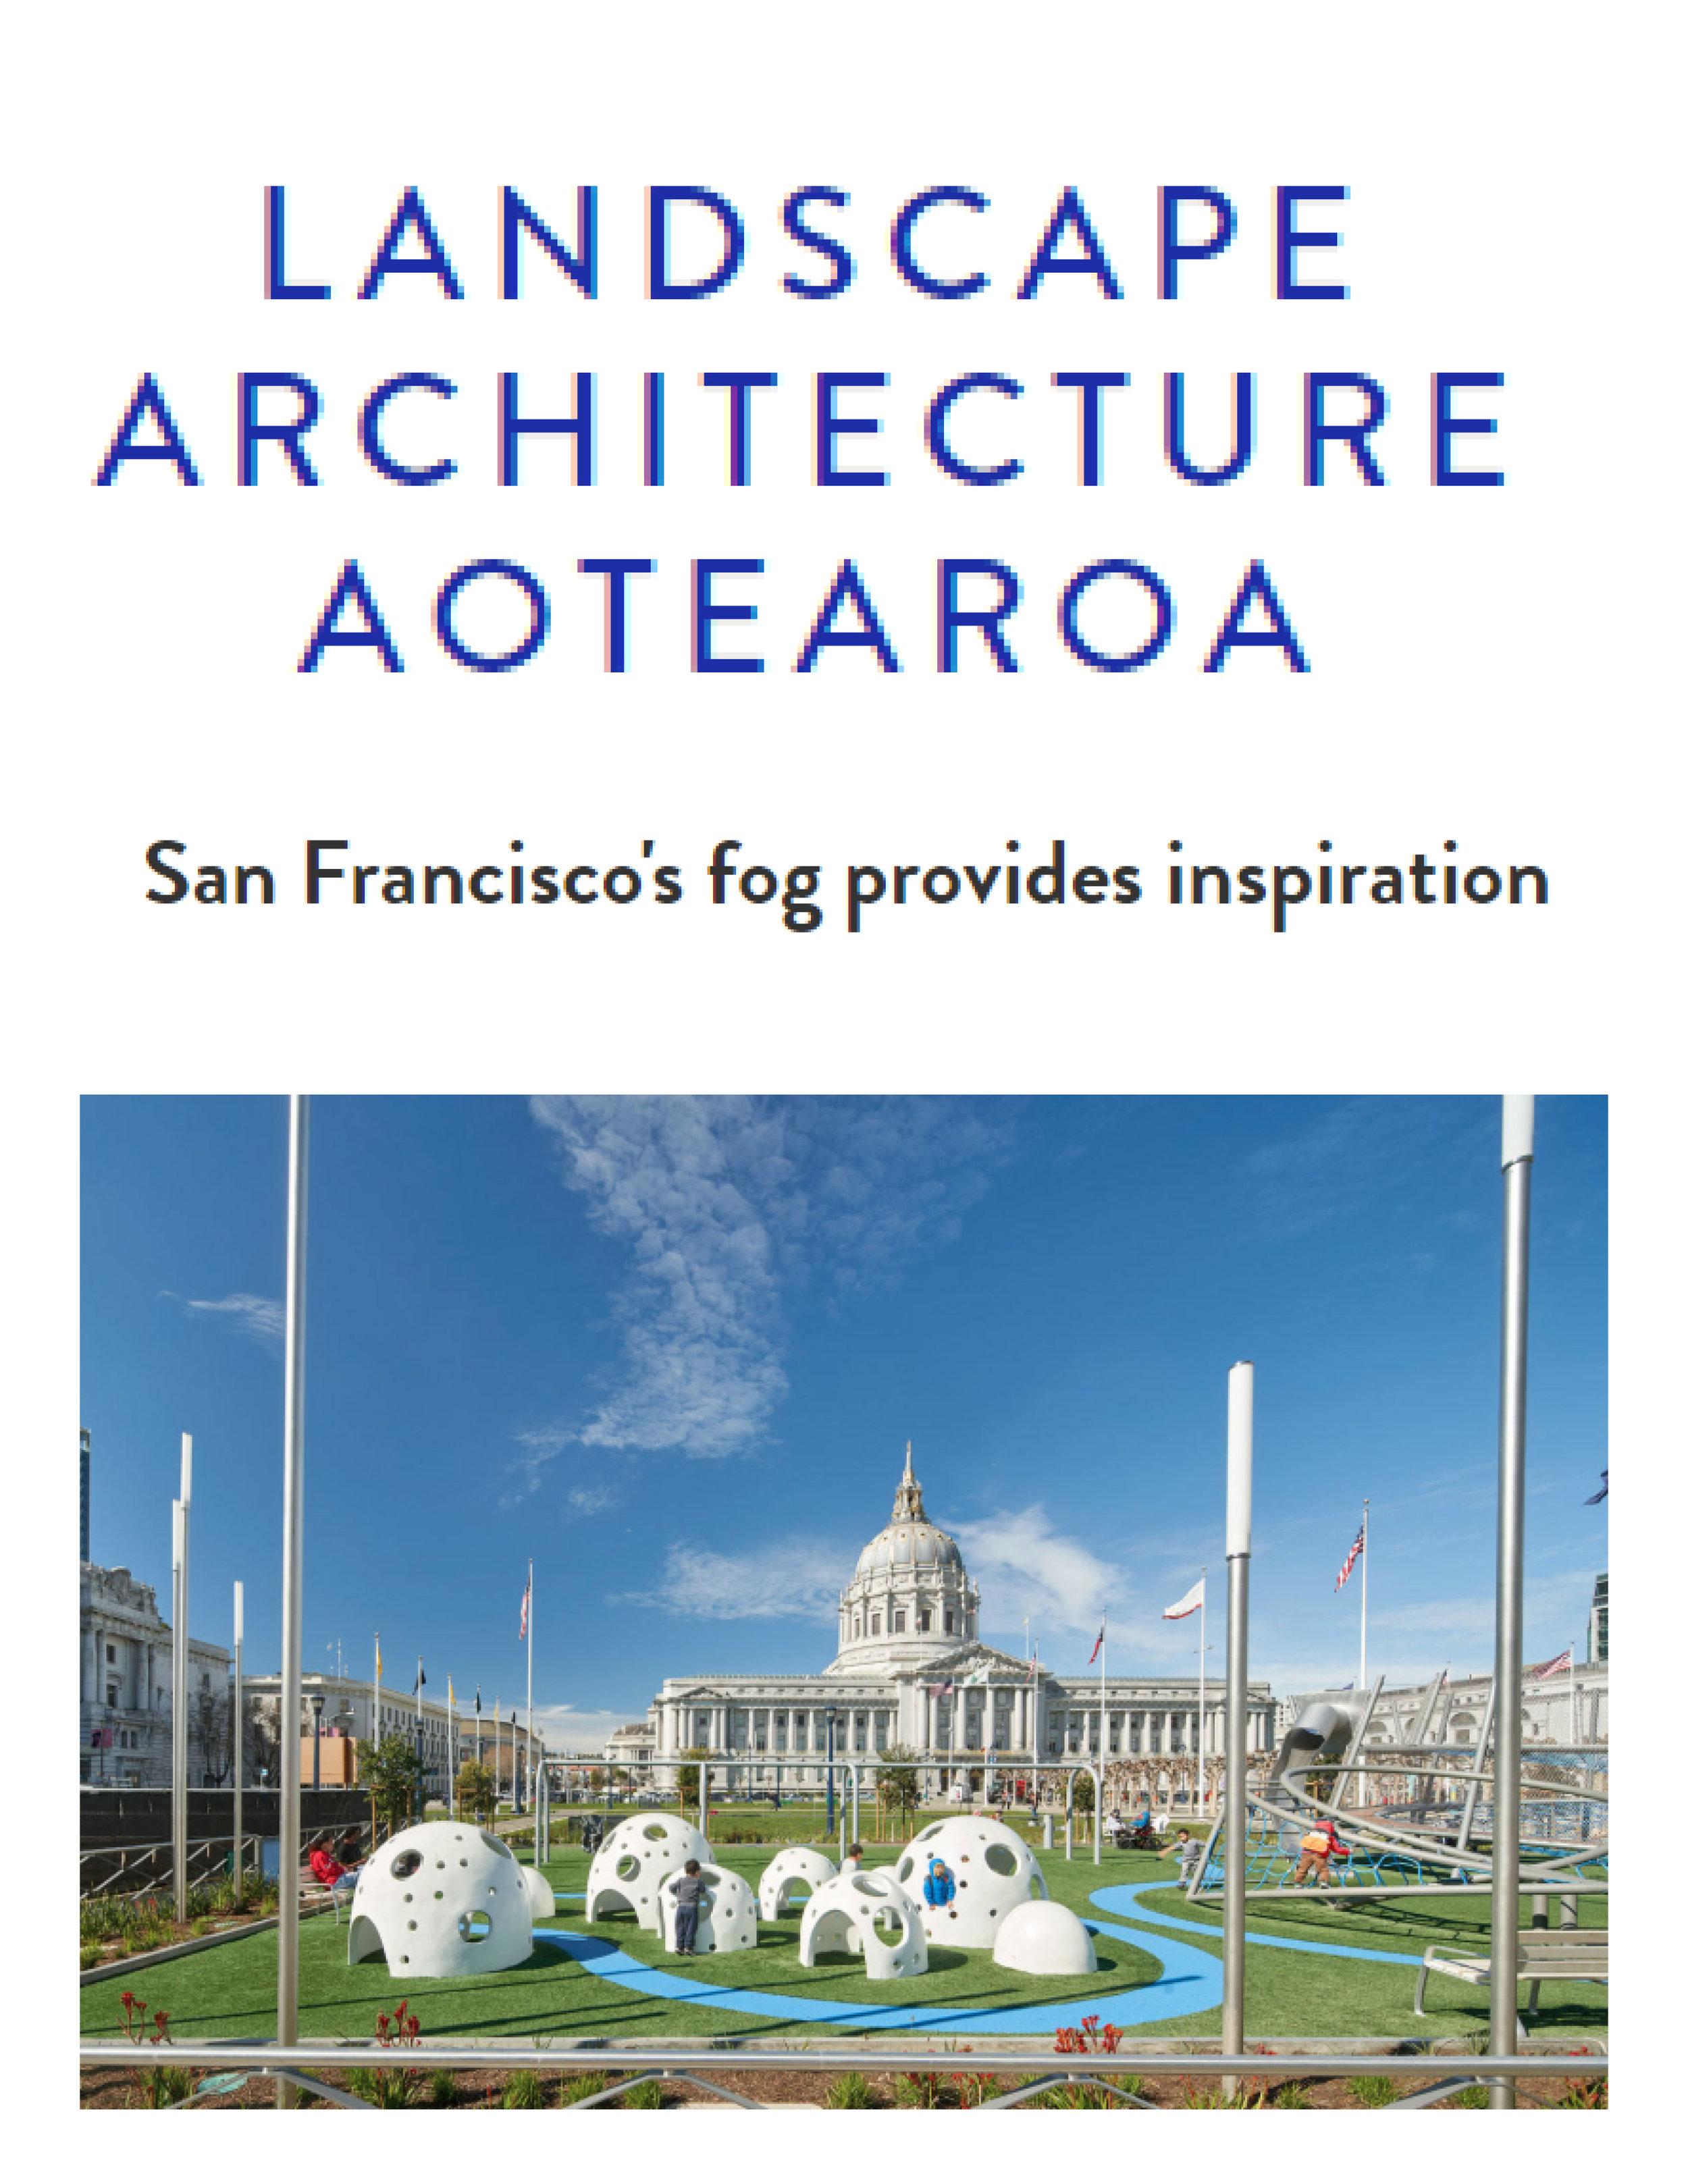 2019-06 Landscape Architecture Aotearoa.jpg